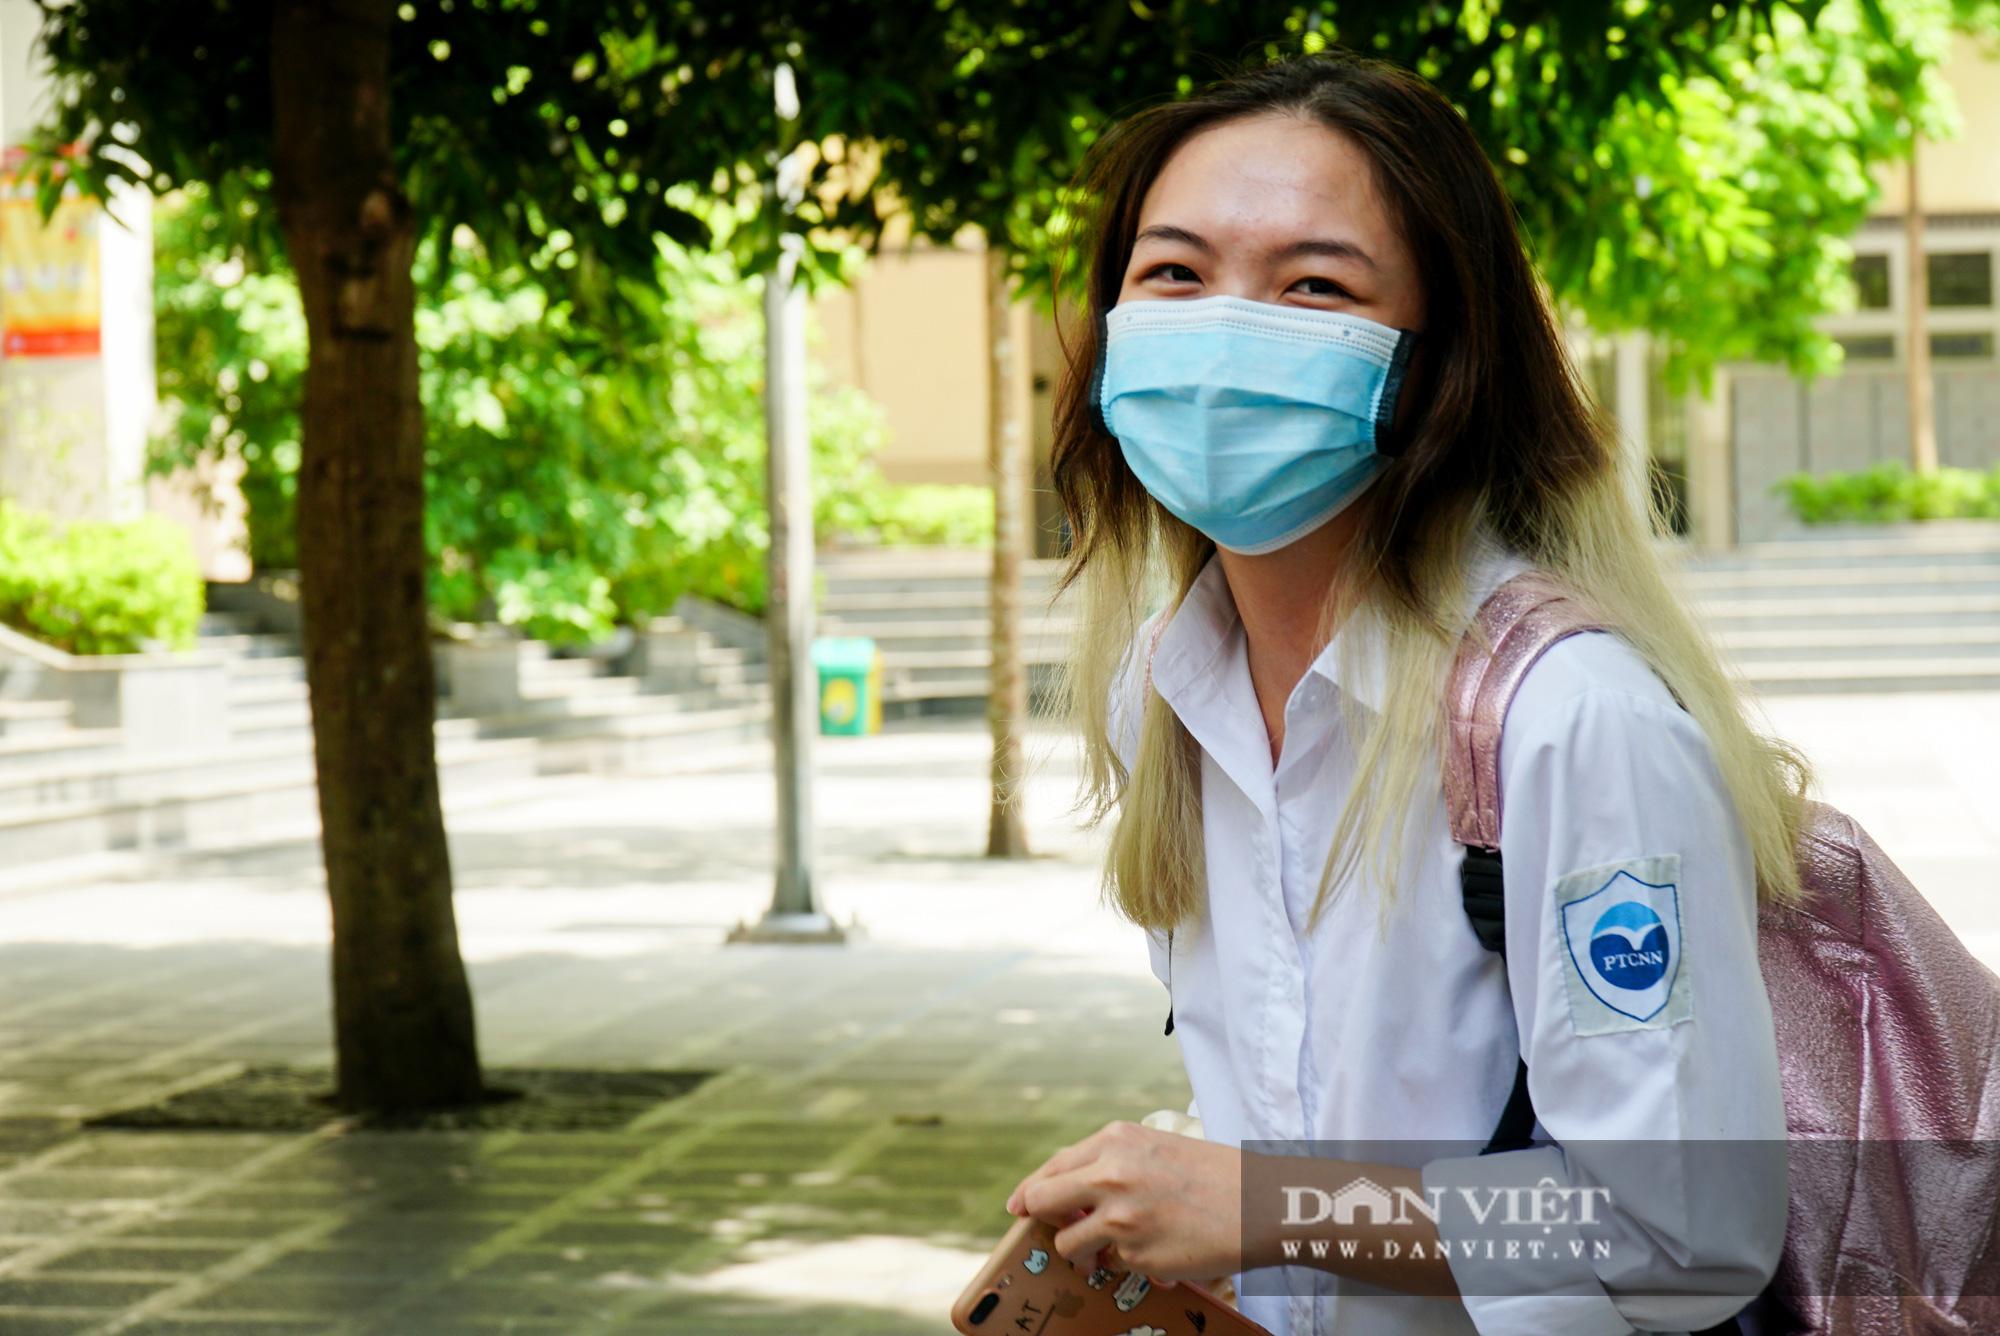 Thí sinh từ Đà Nẵng trở về cảm thấy thoải mái khi thi 1 mình một phòng - Ảnh 5.